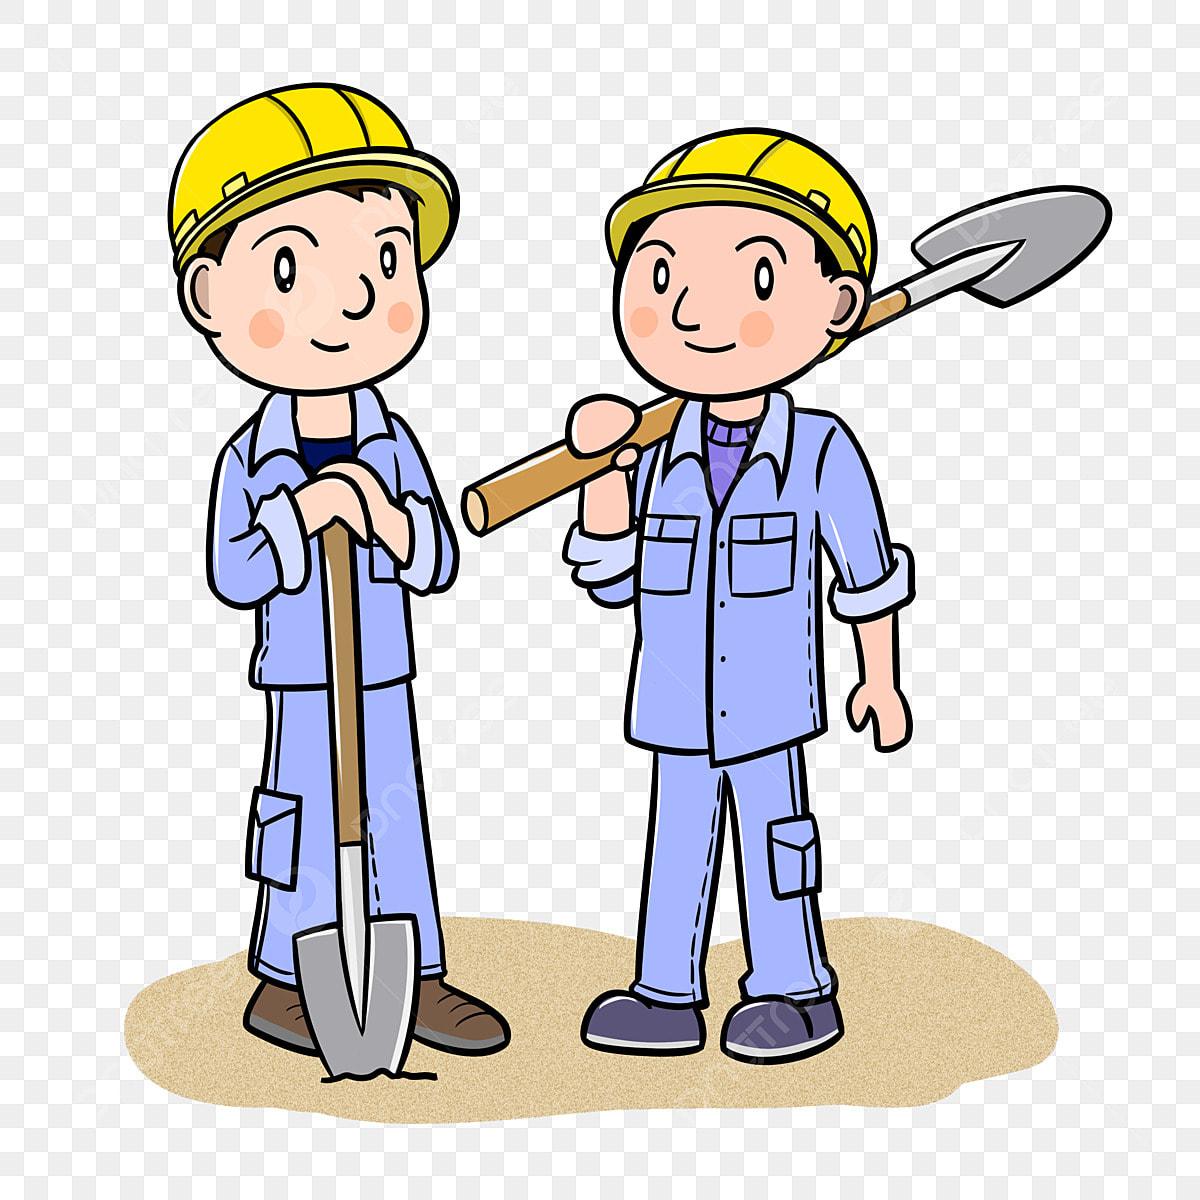 Gambar Kartun Pekerja Pekerja Asing Pekerja Kartun Tapak Pembinaan Bahagian Kartun Png Dan Psd Untuk Muat Turun Percuma